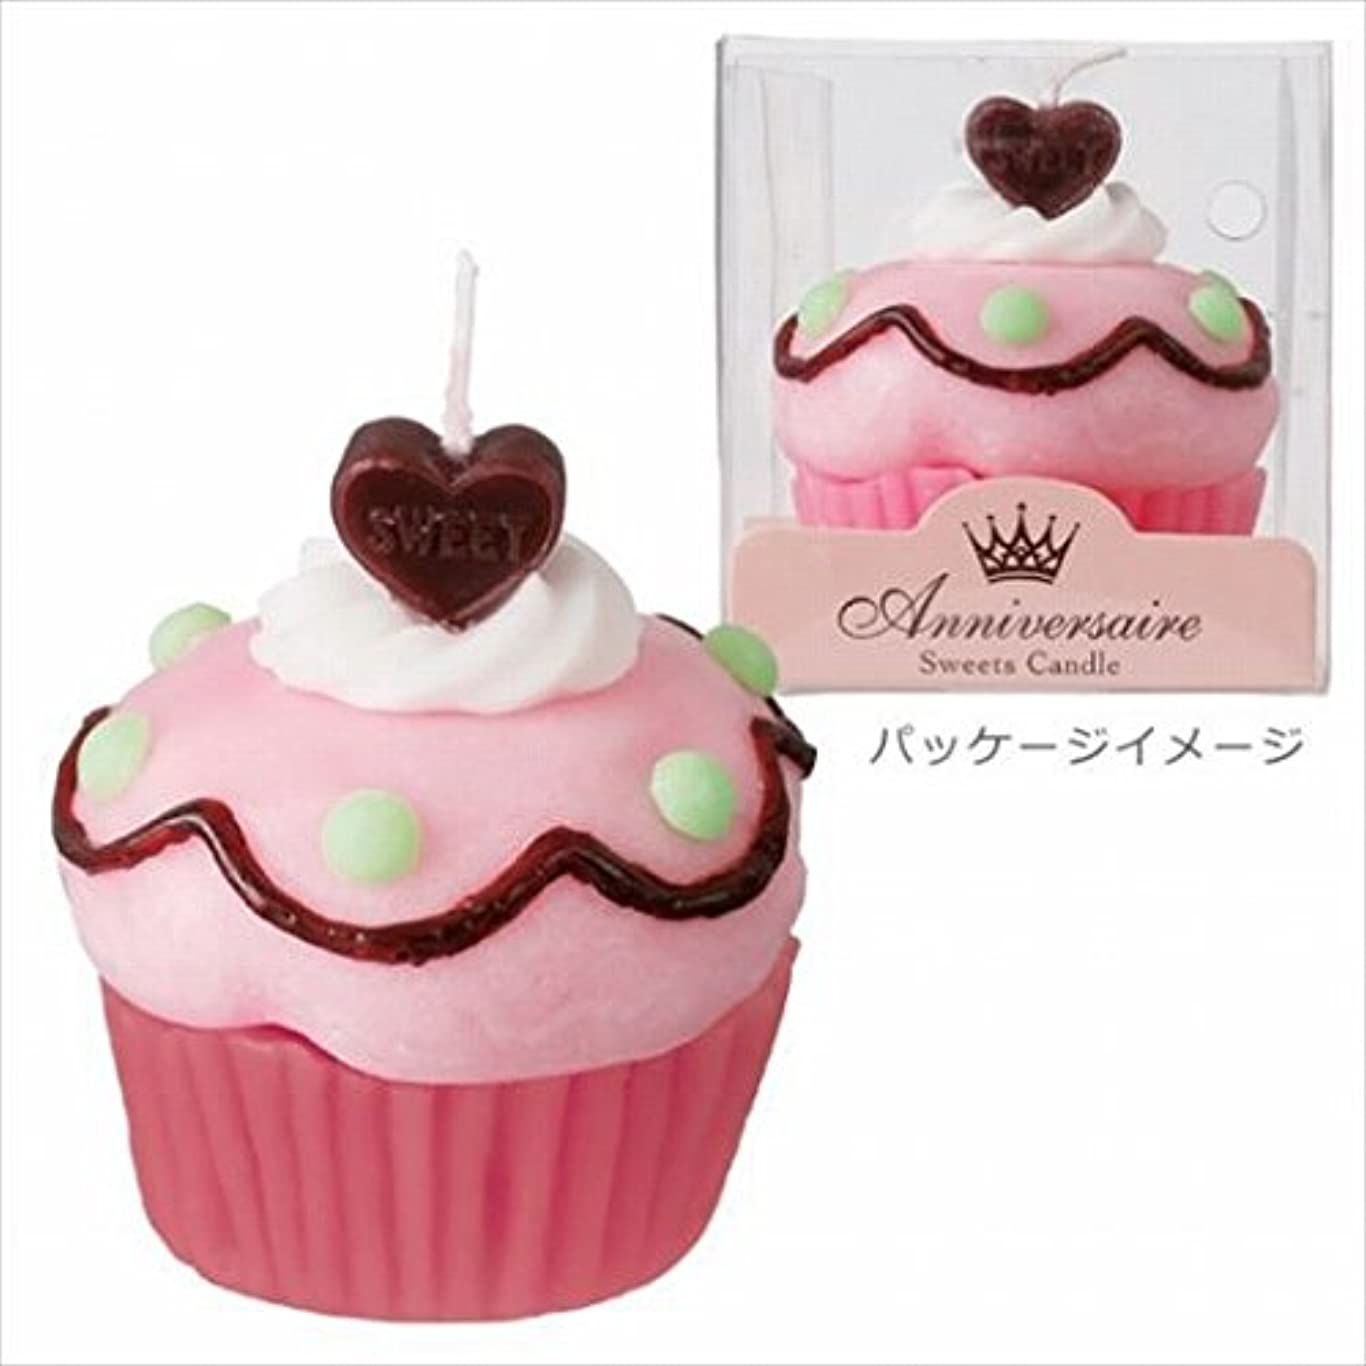 急勾配のマーケティングホーンカメヤマキャンドル( kameyama candle ) カップケーキキャンドル 「 チェリードット 」